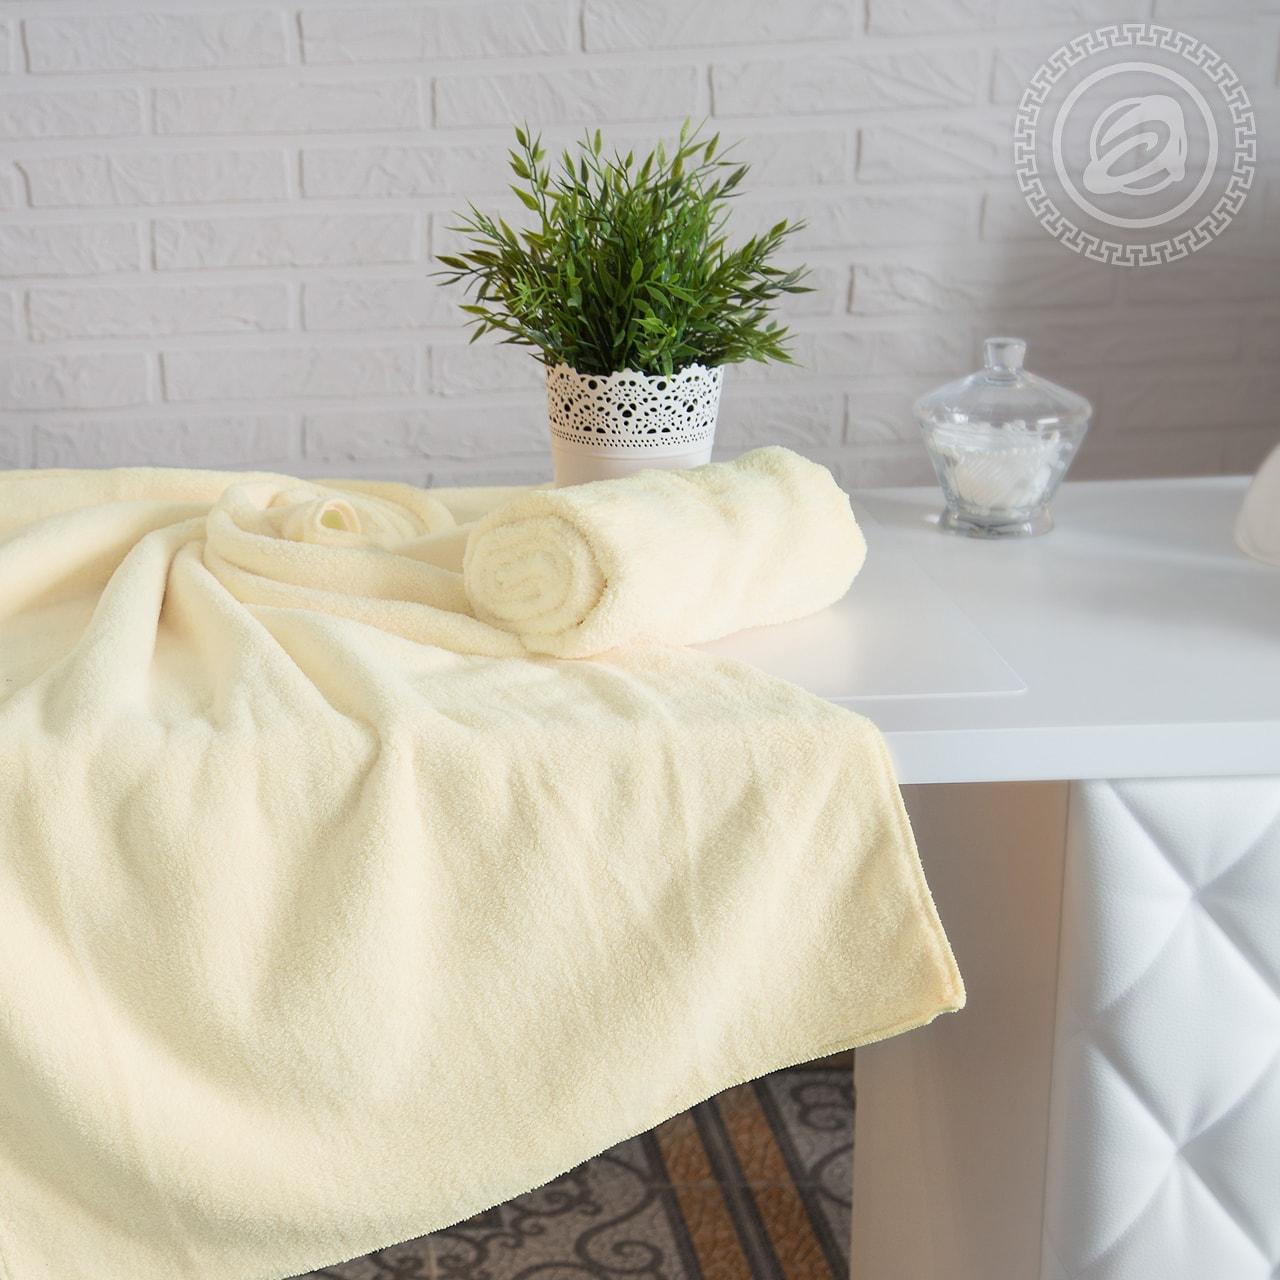 Полотенце банное Шампань (50х90) antik полотенце 50х90 хлопок